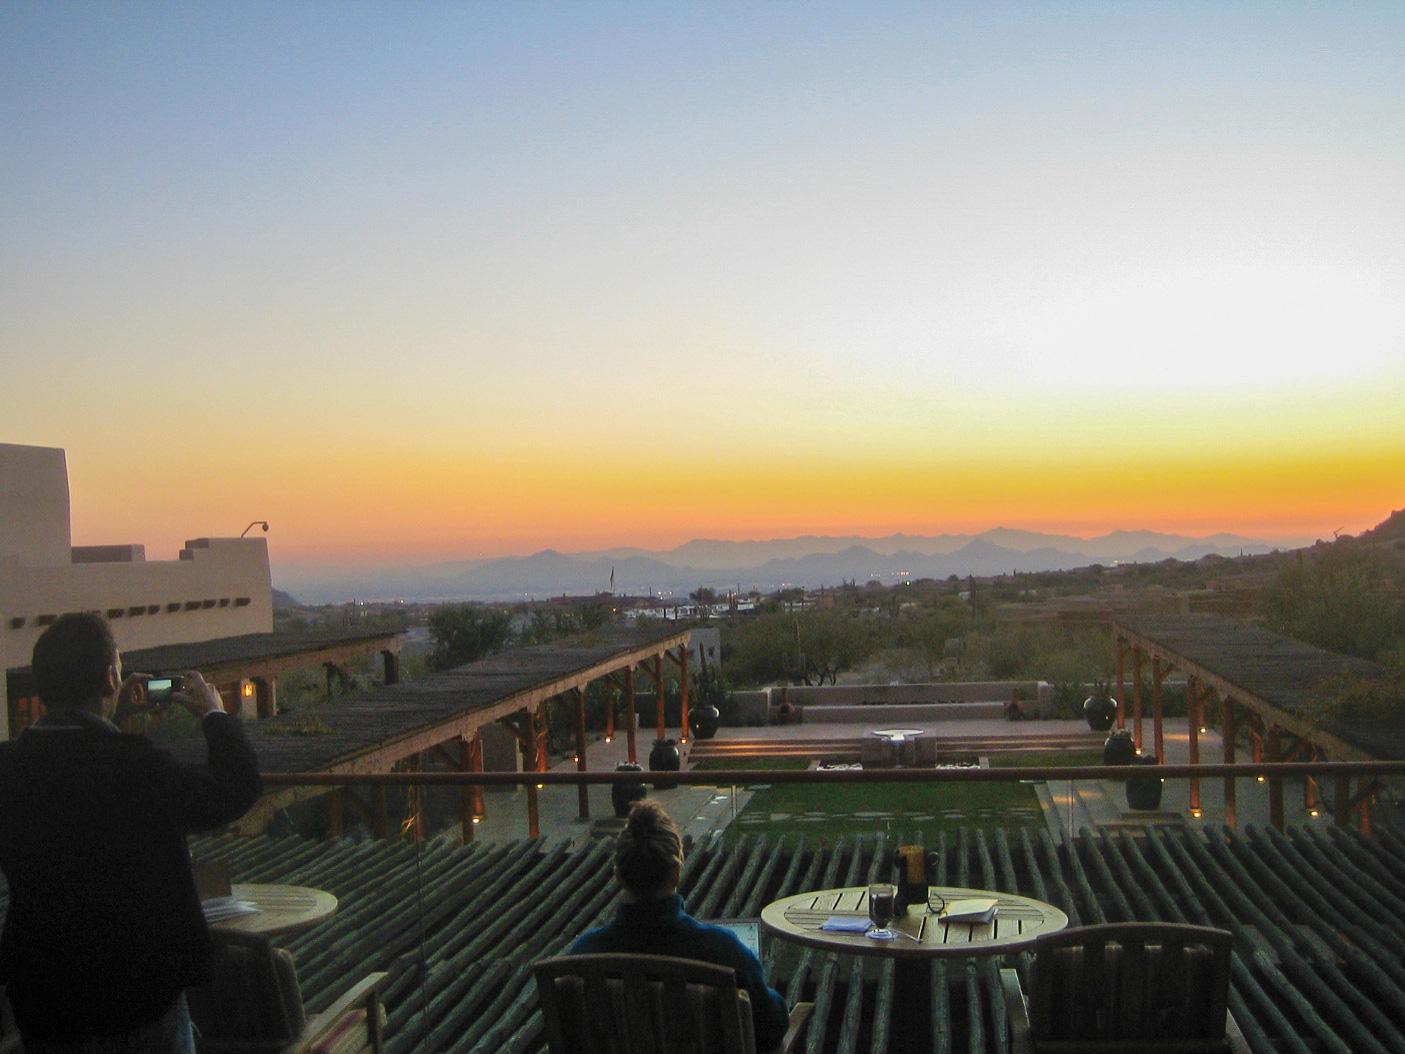 Sonnenuntergang im Hotel Troon North in Scottsdale in Arizona ist kurzum sensationell